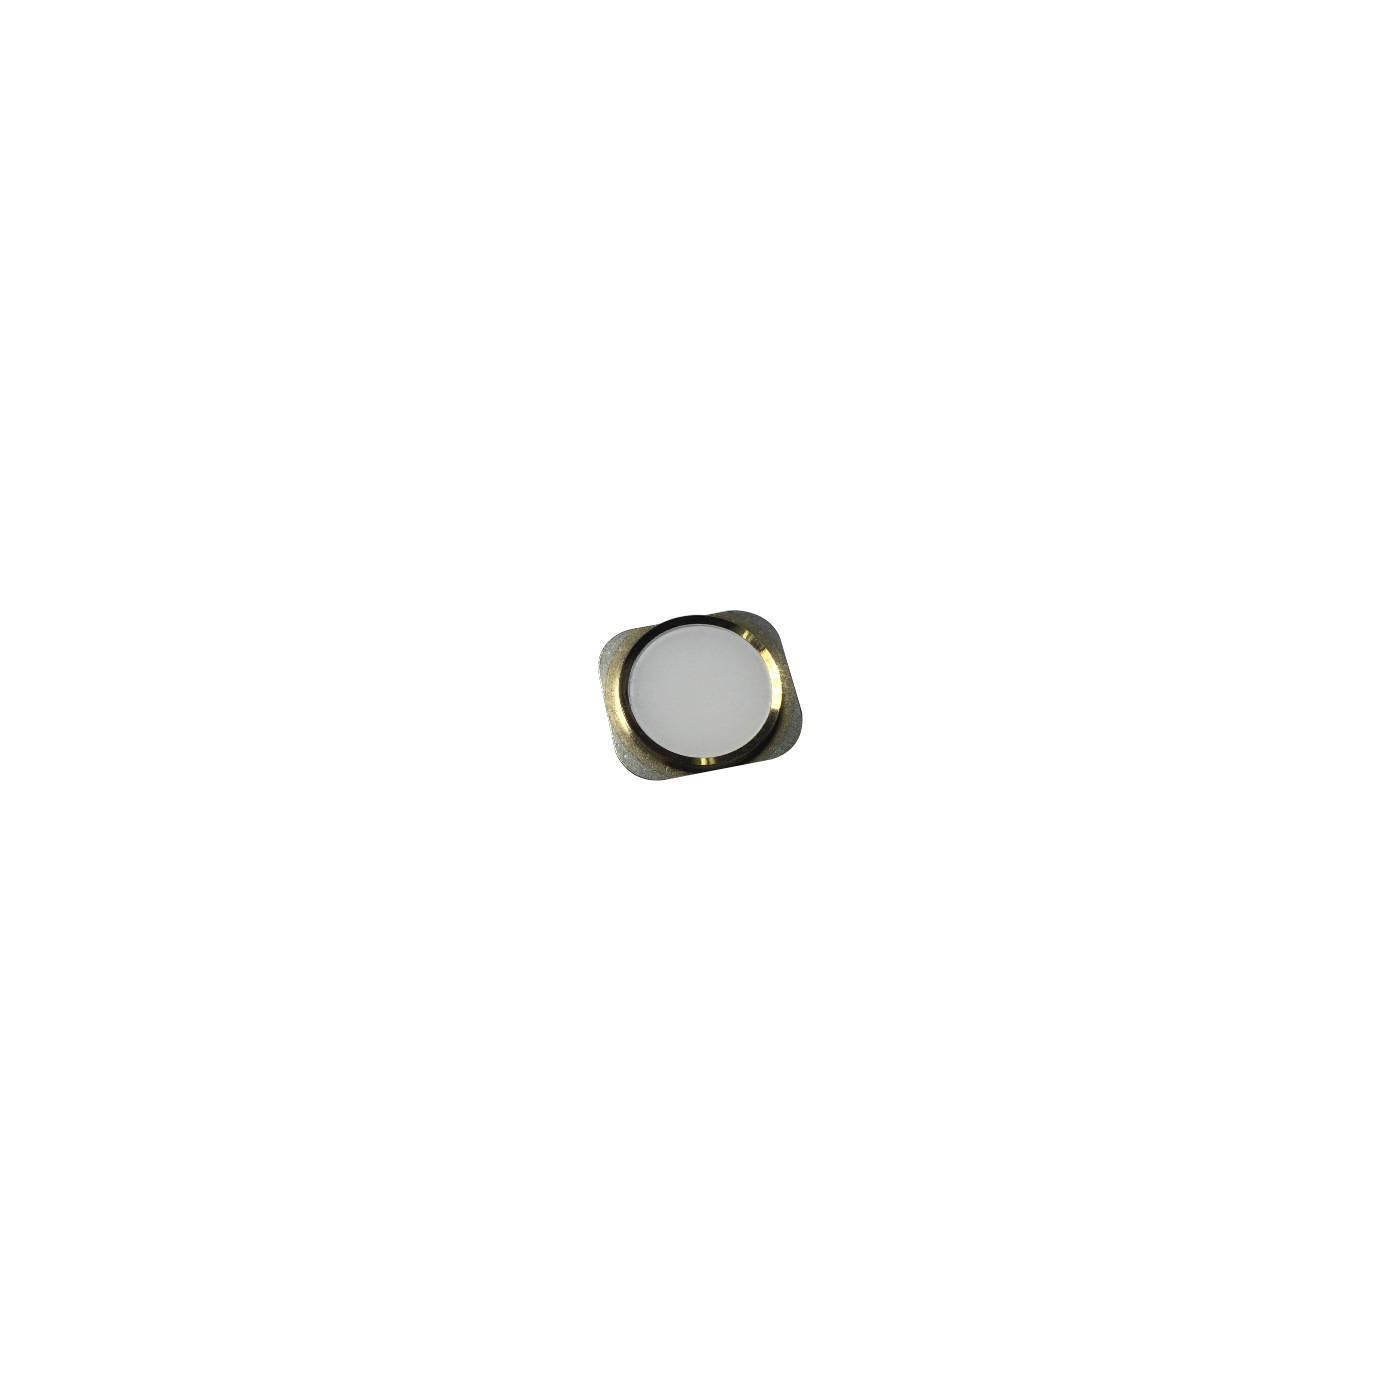 Tasto home per iPhone 6 - 6 Plus gold button bottone centrale pulsante cursore